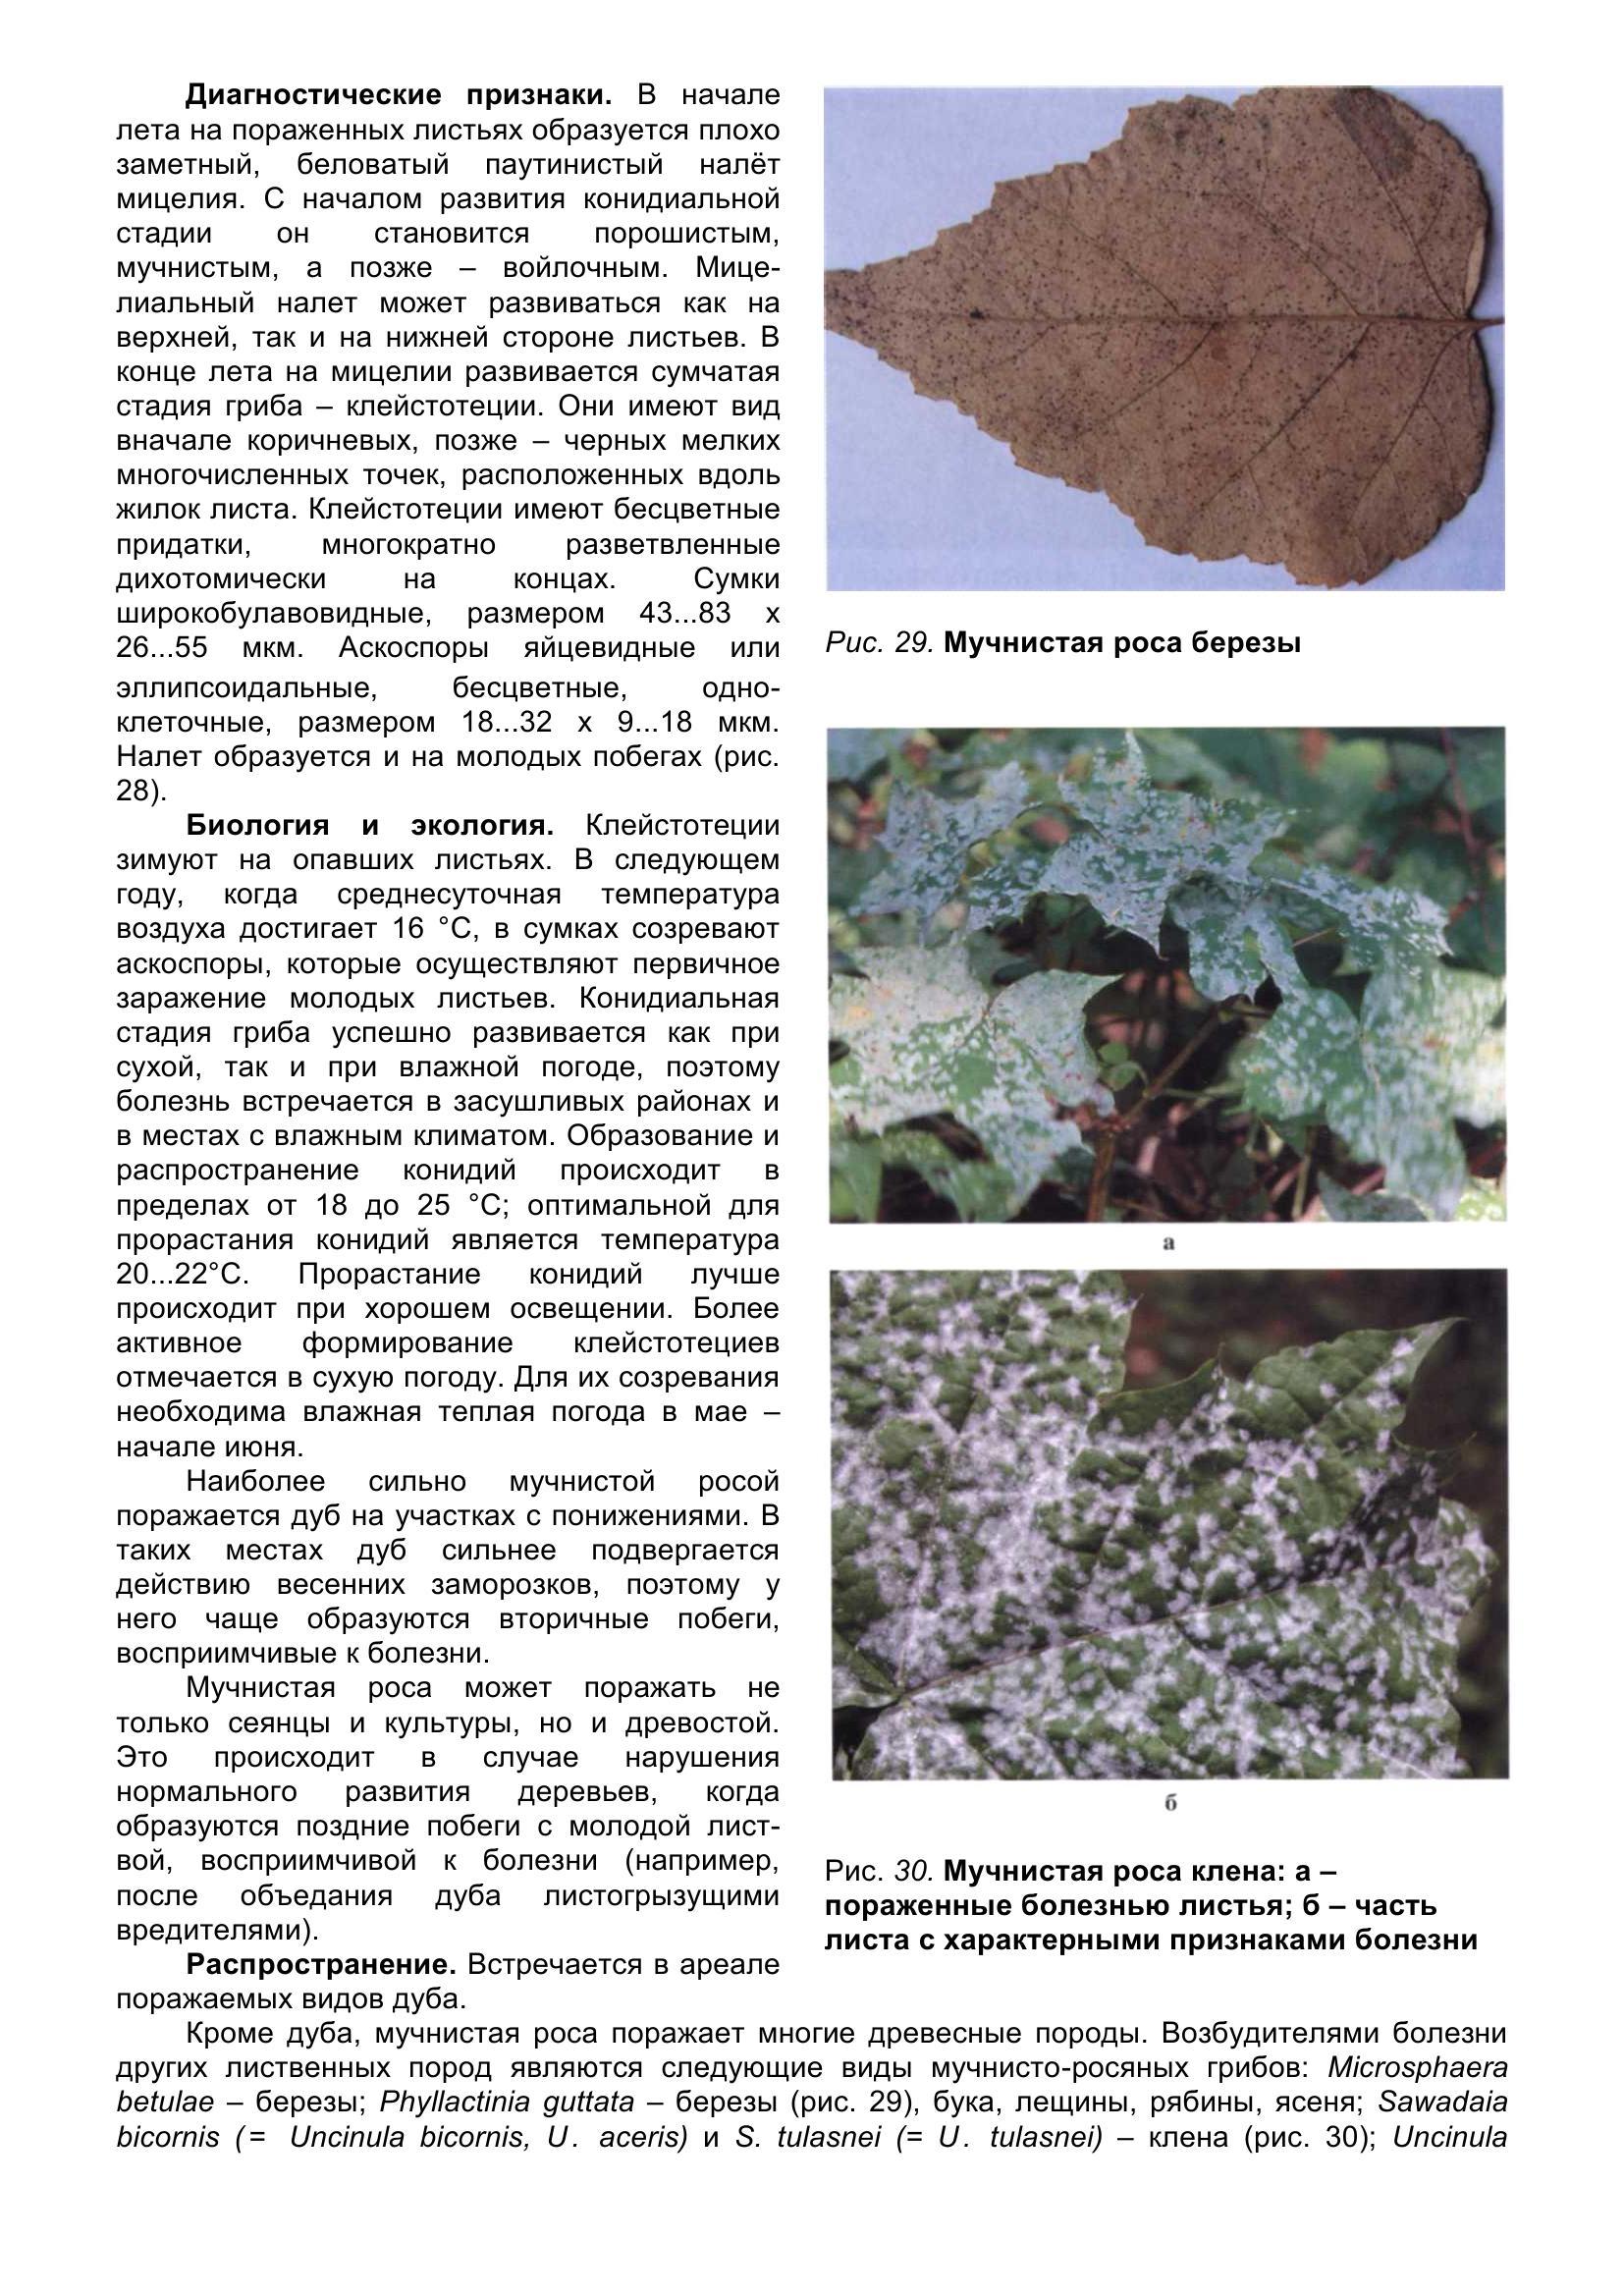 Болезни_древесных_растений_049.jpg